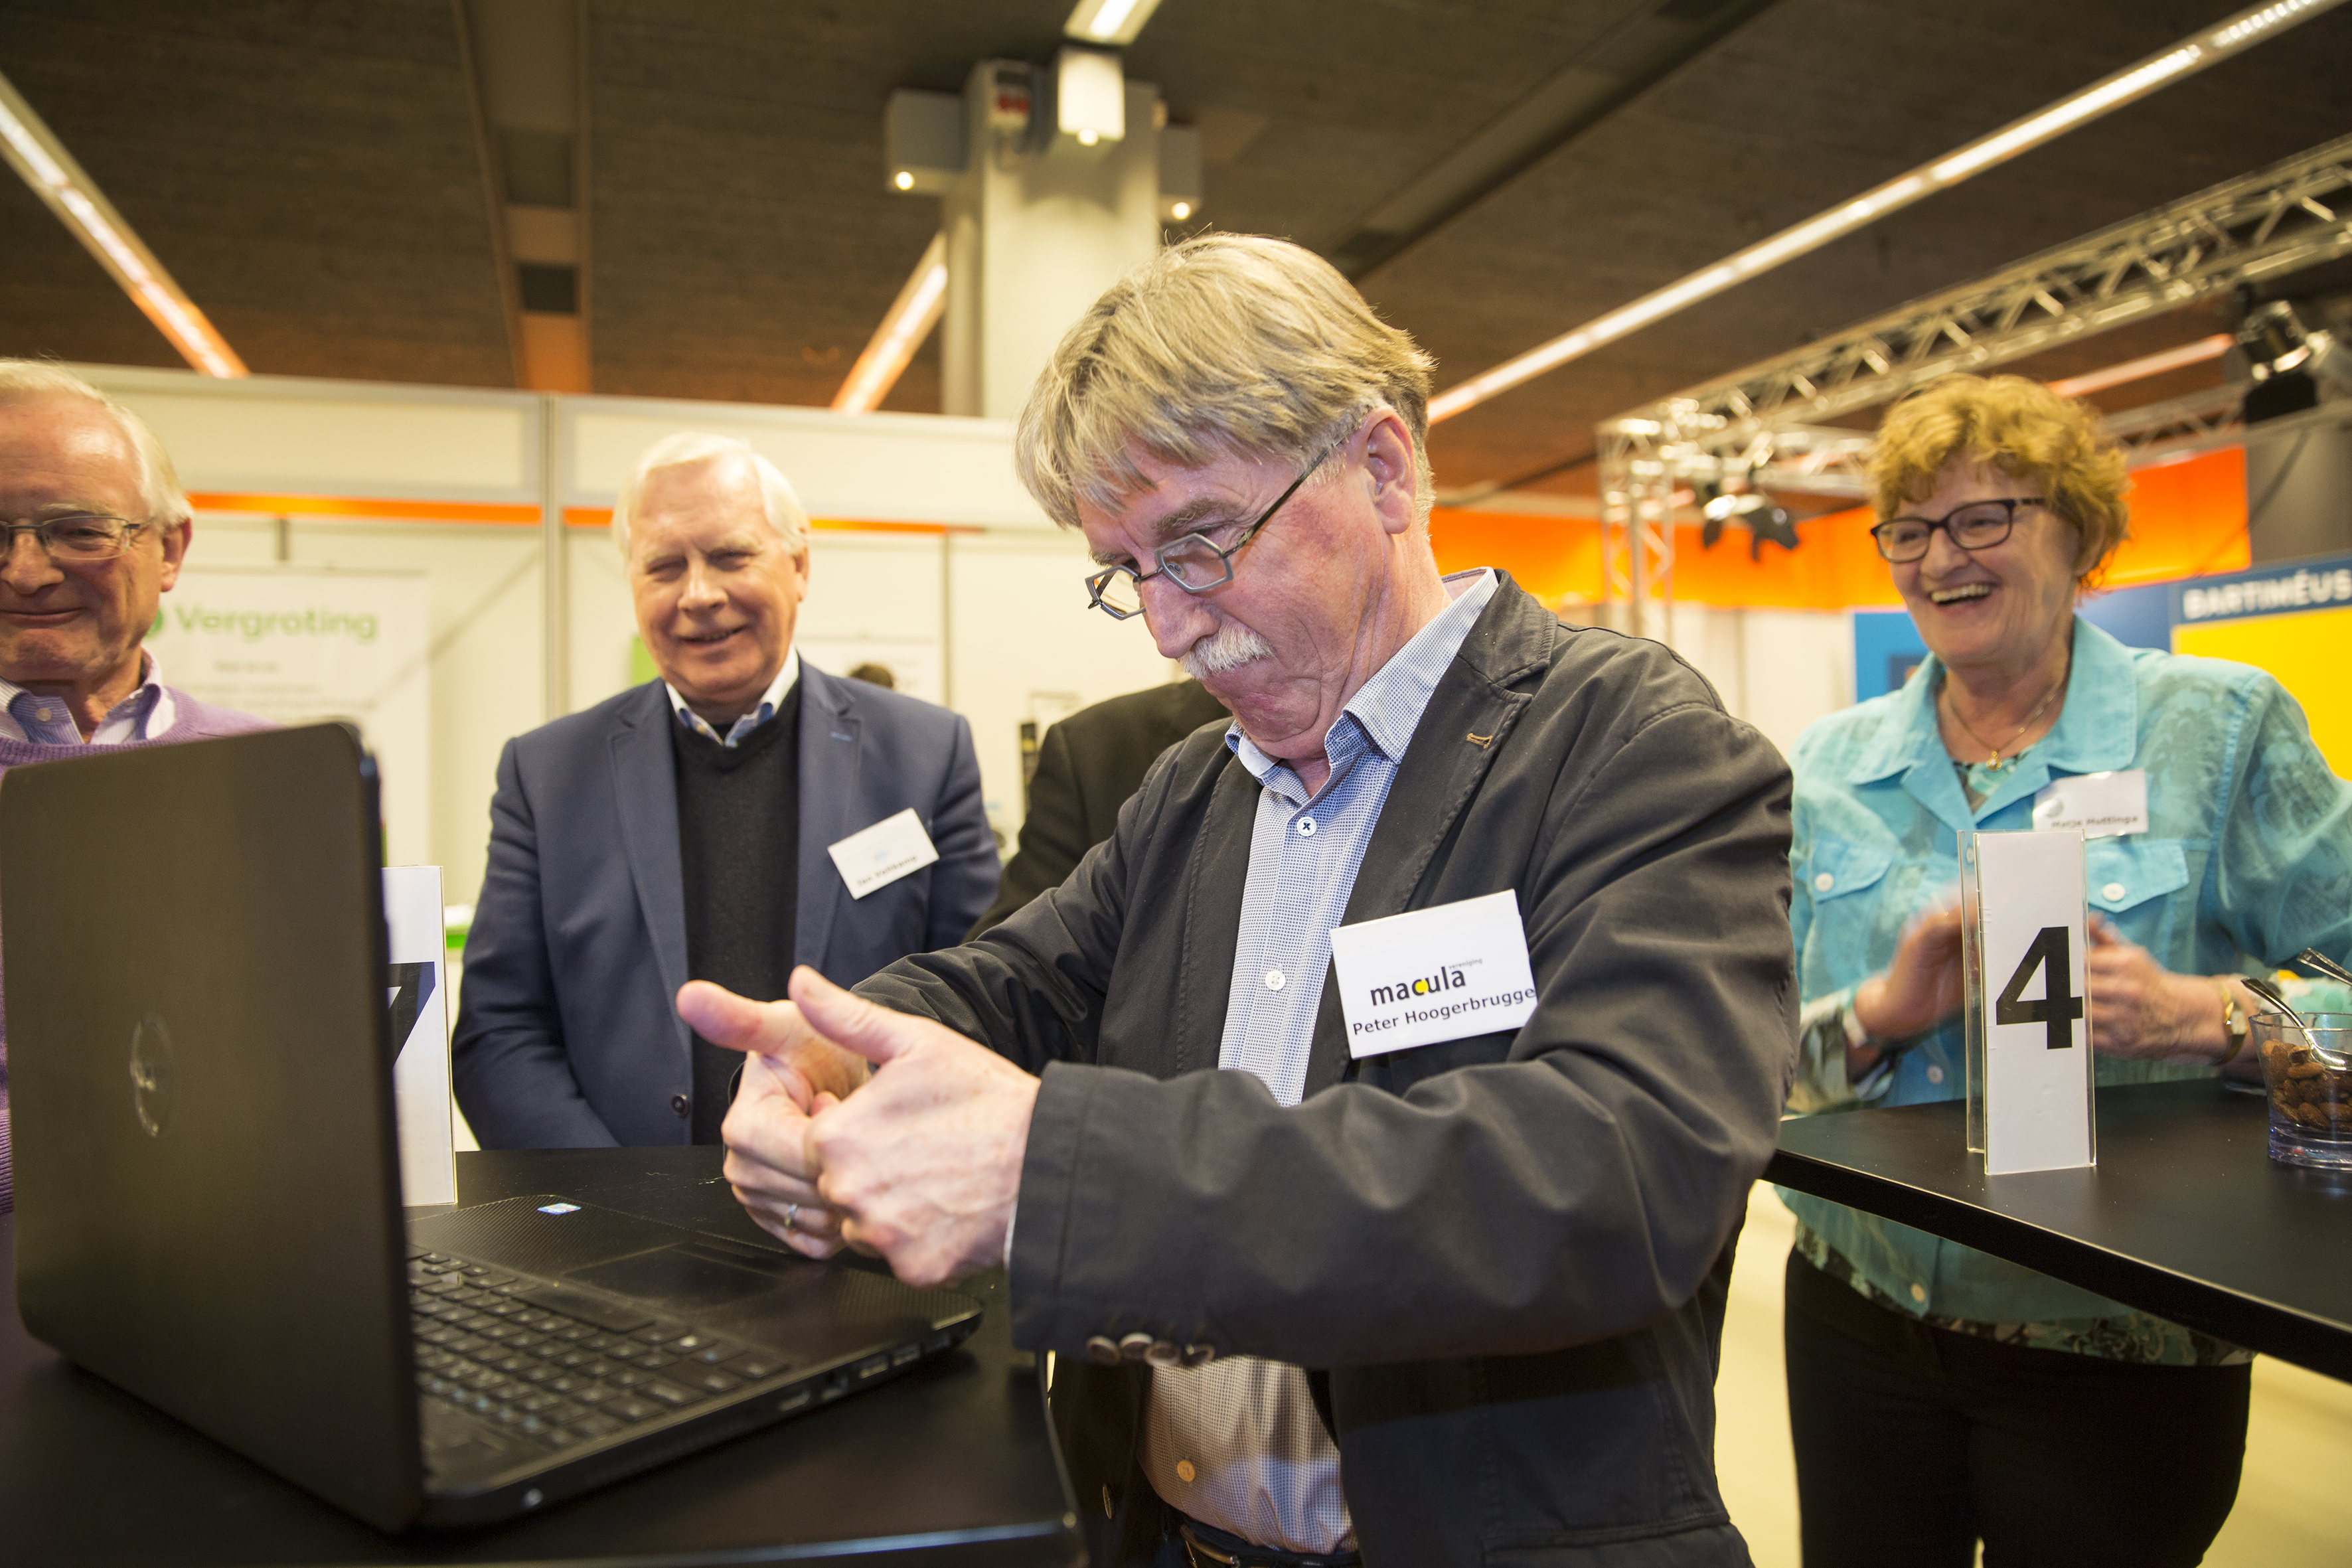 Peter Hoogerbrugge verzendt handtekeningen hulpmiddelenpetitie.